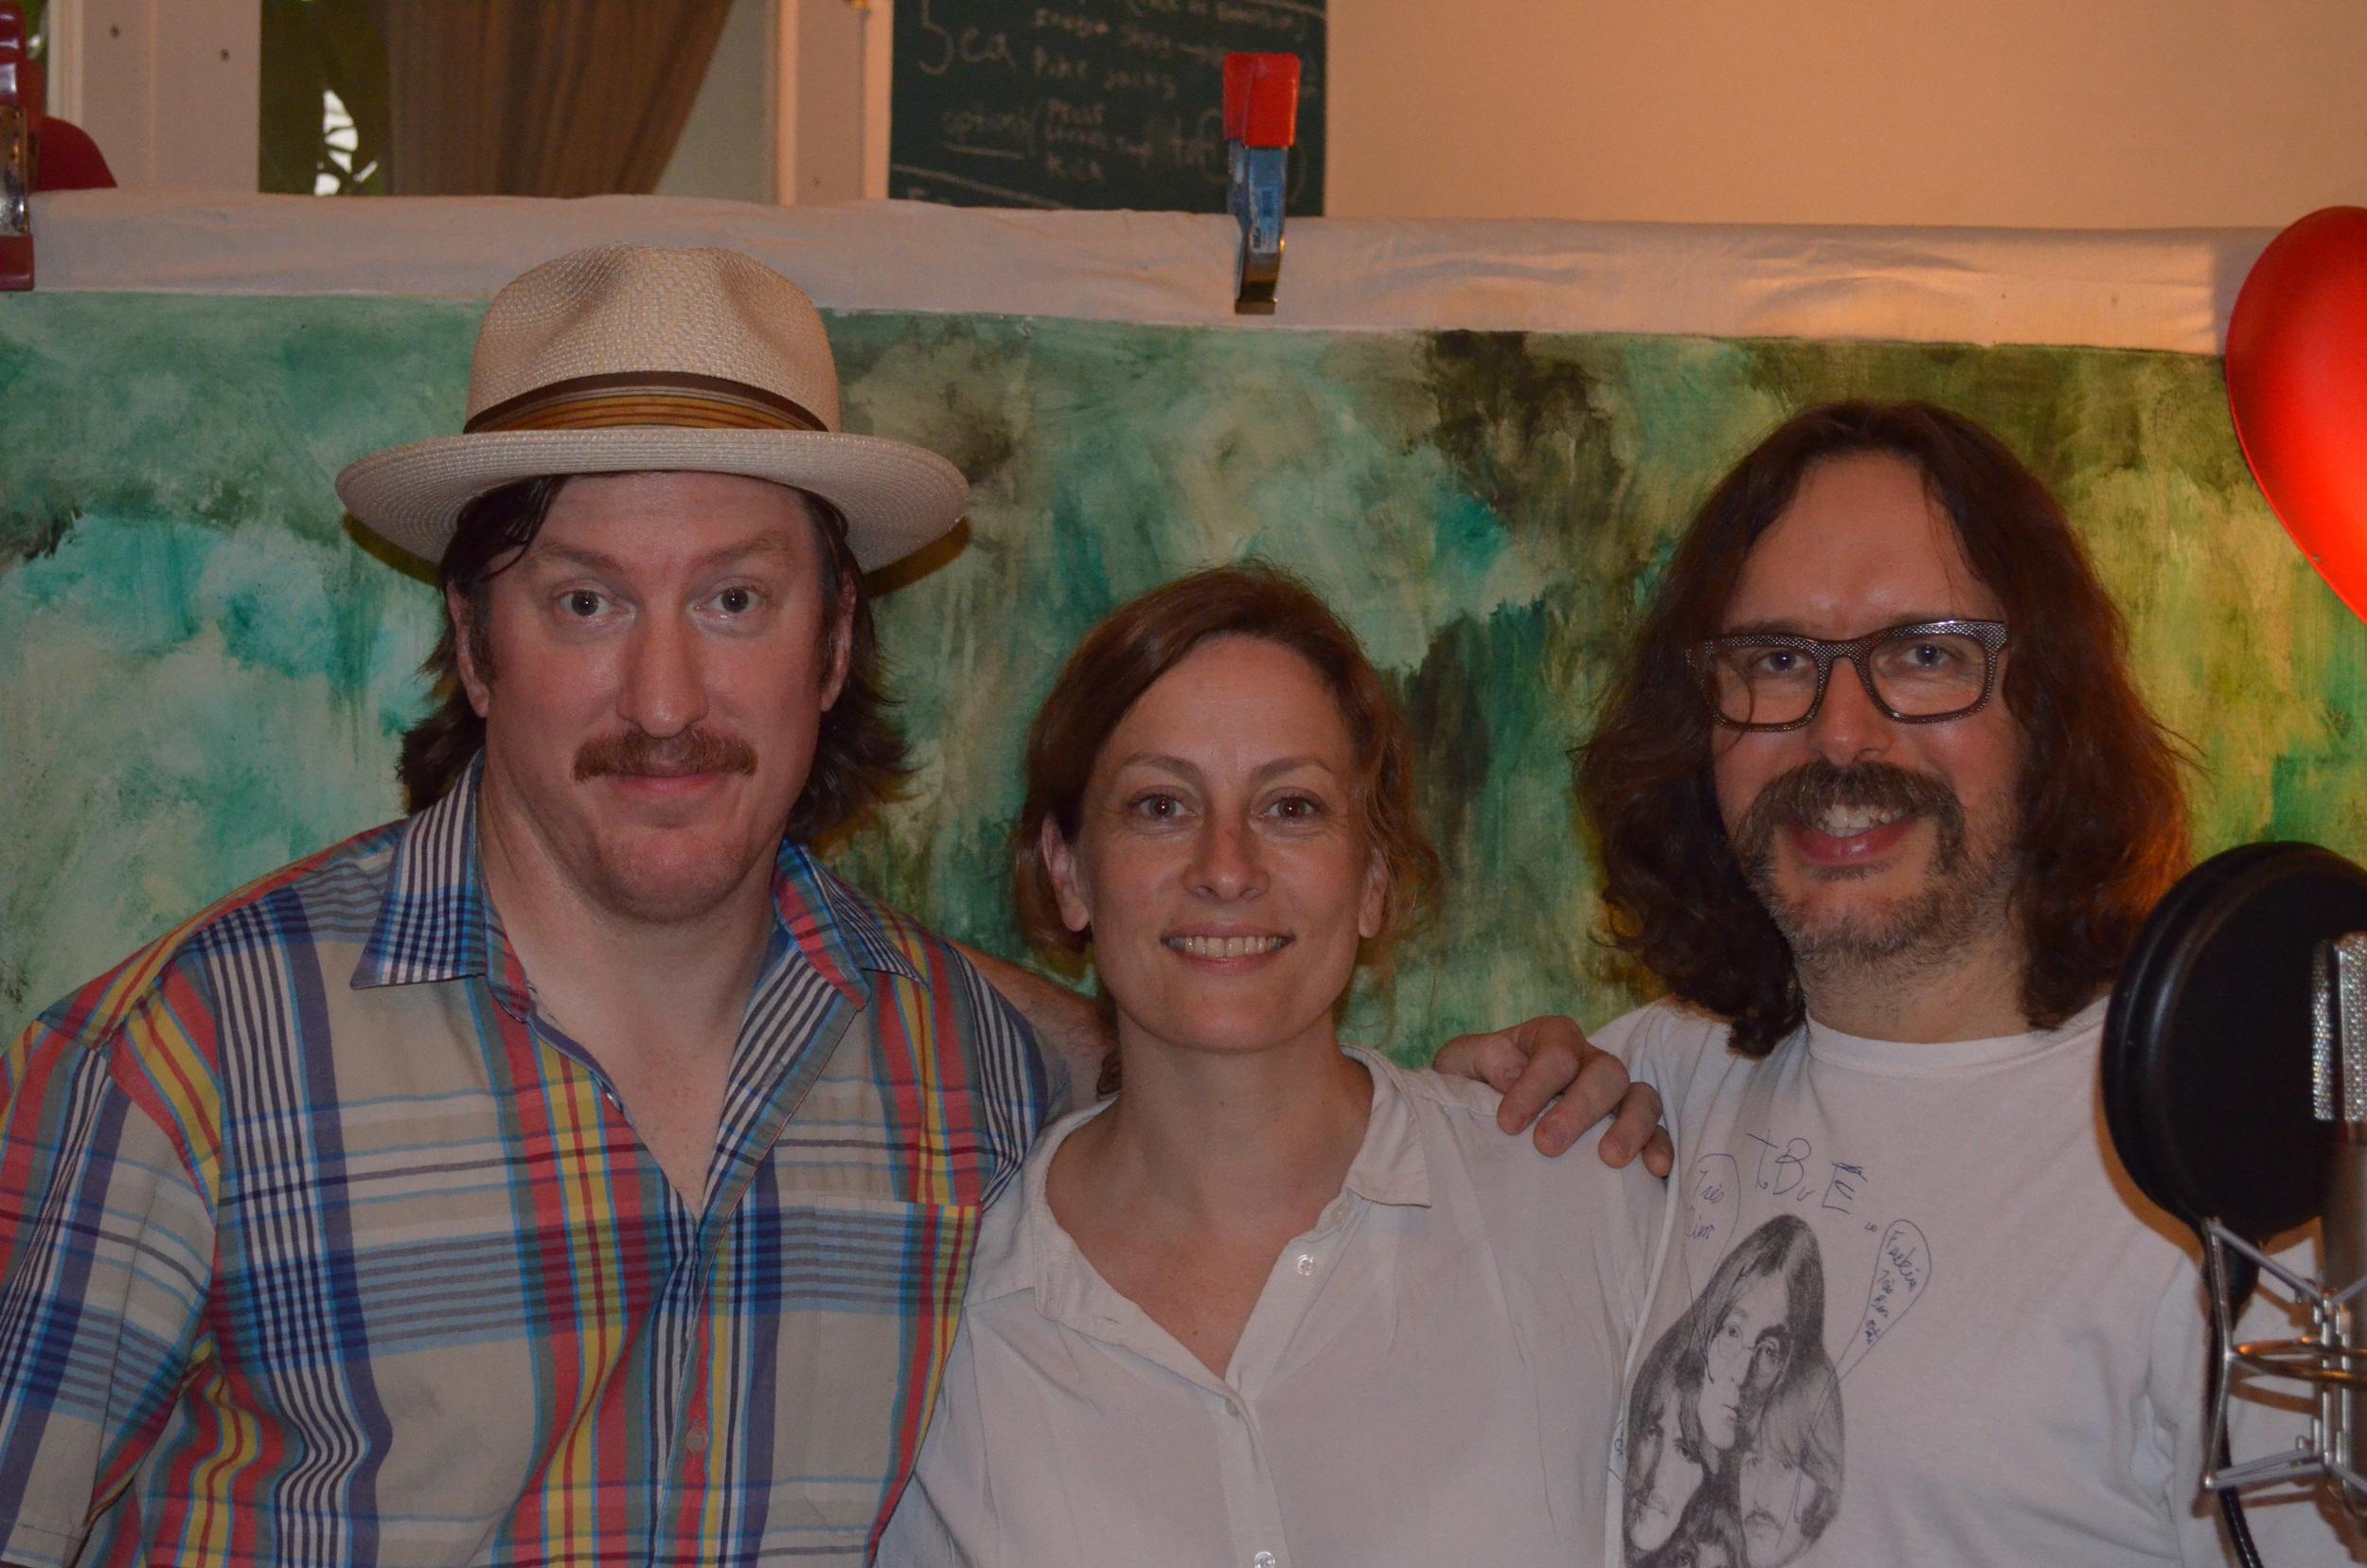 JOe Lapinski, Sarah Harmer & Dave Clark